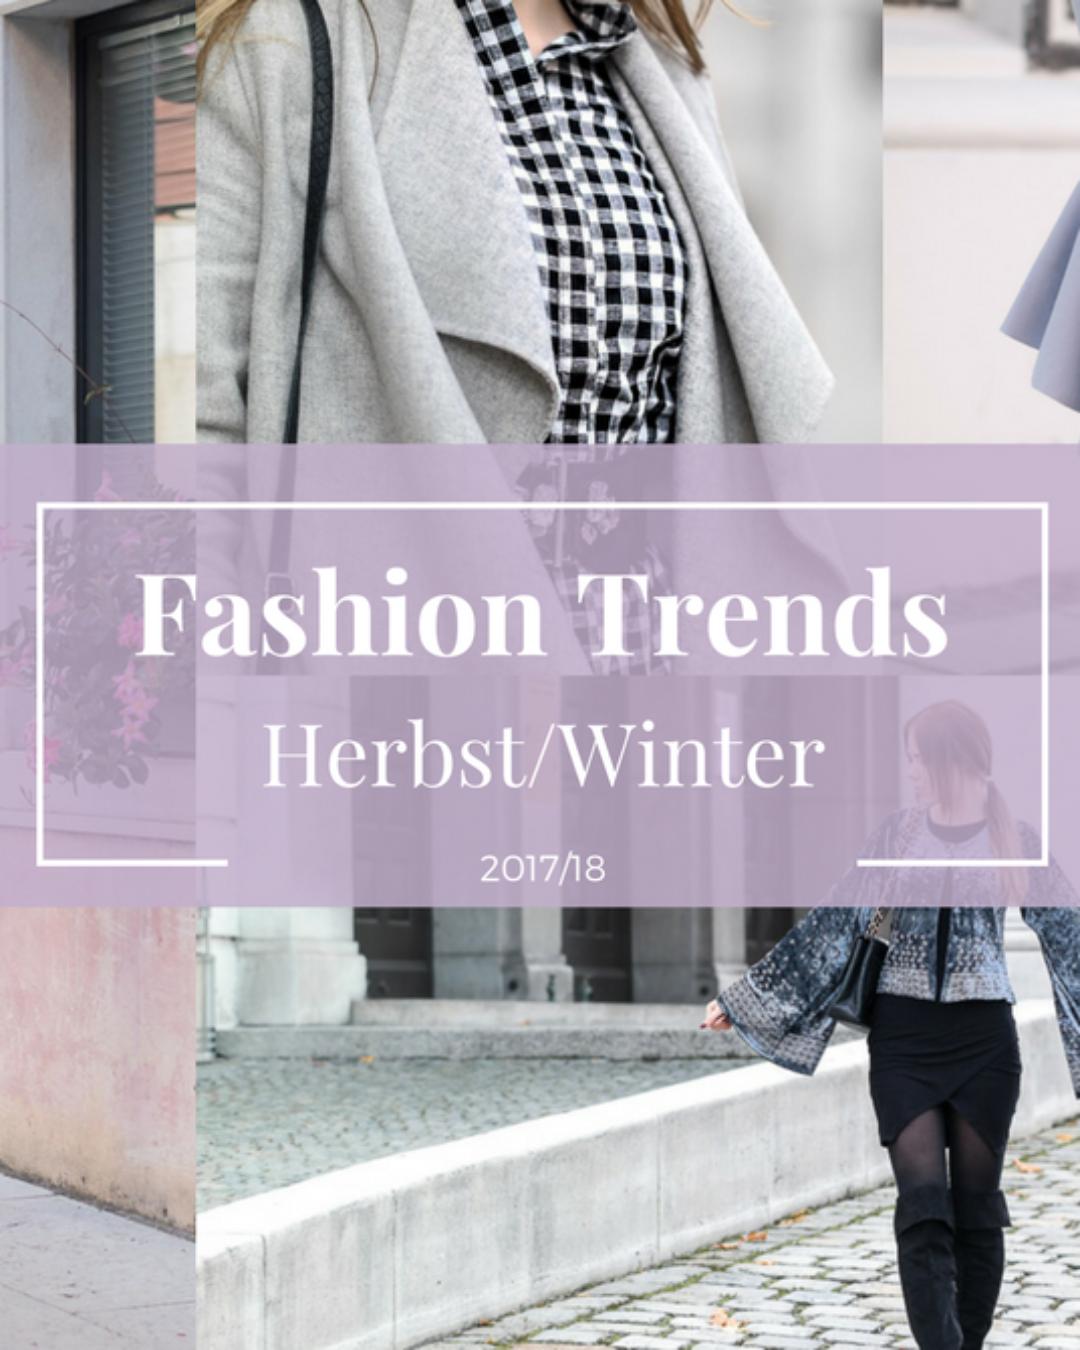 Fashion Trends im Herbst/Winter 2017/18